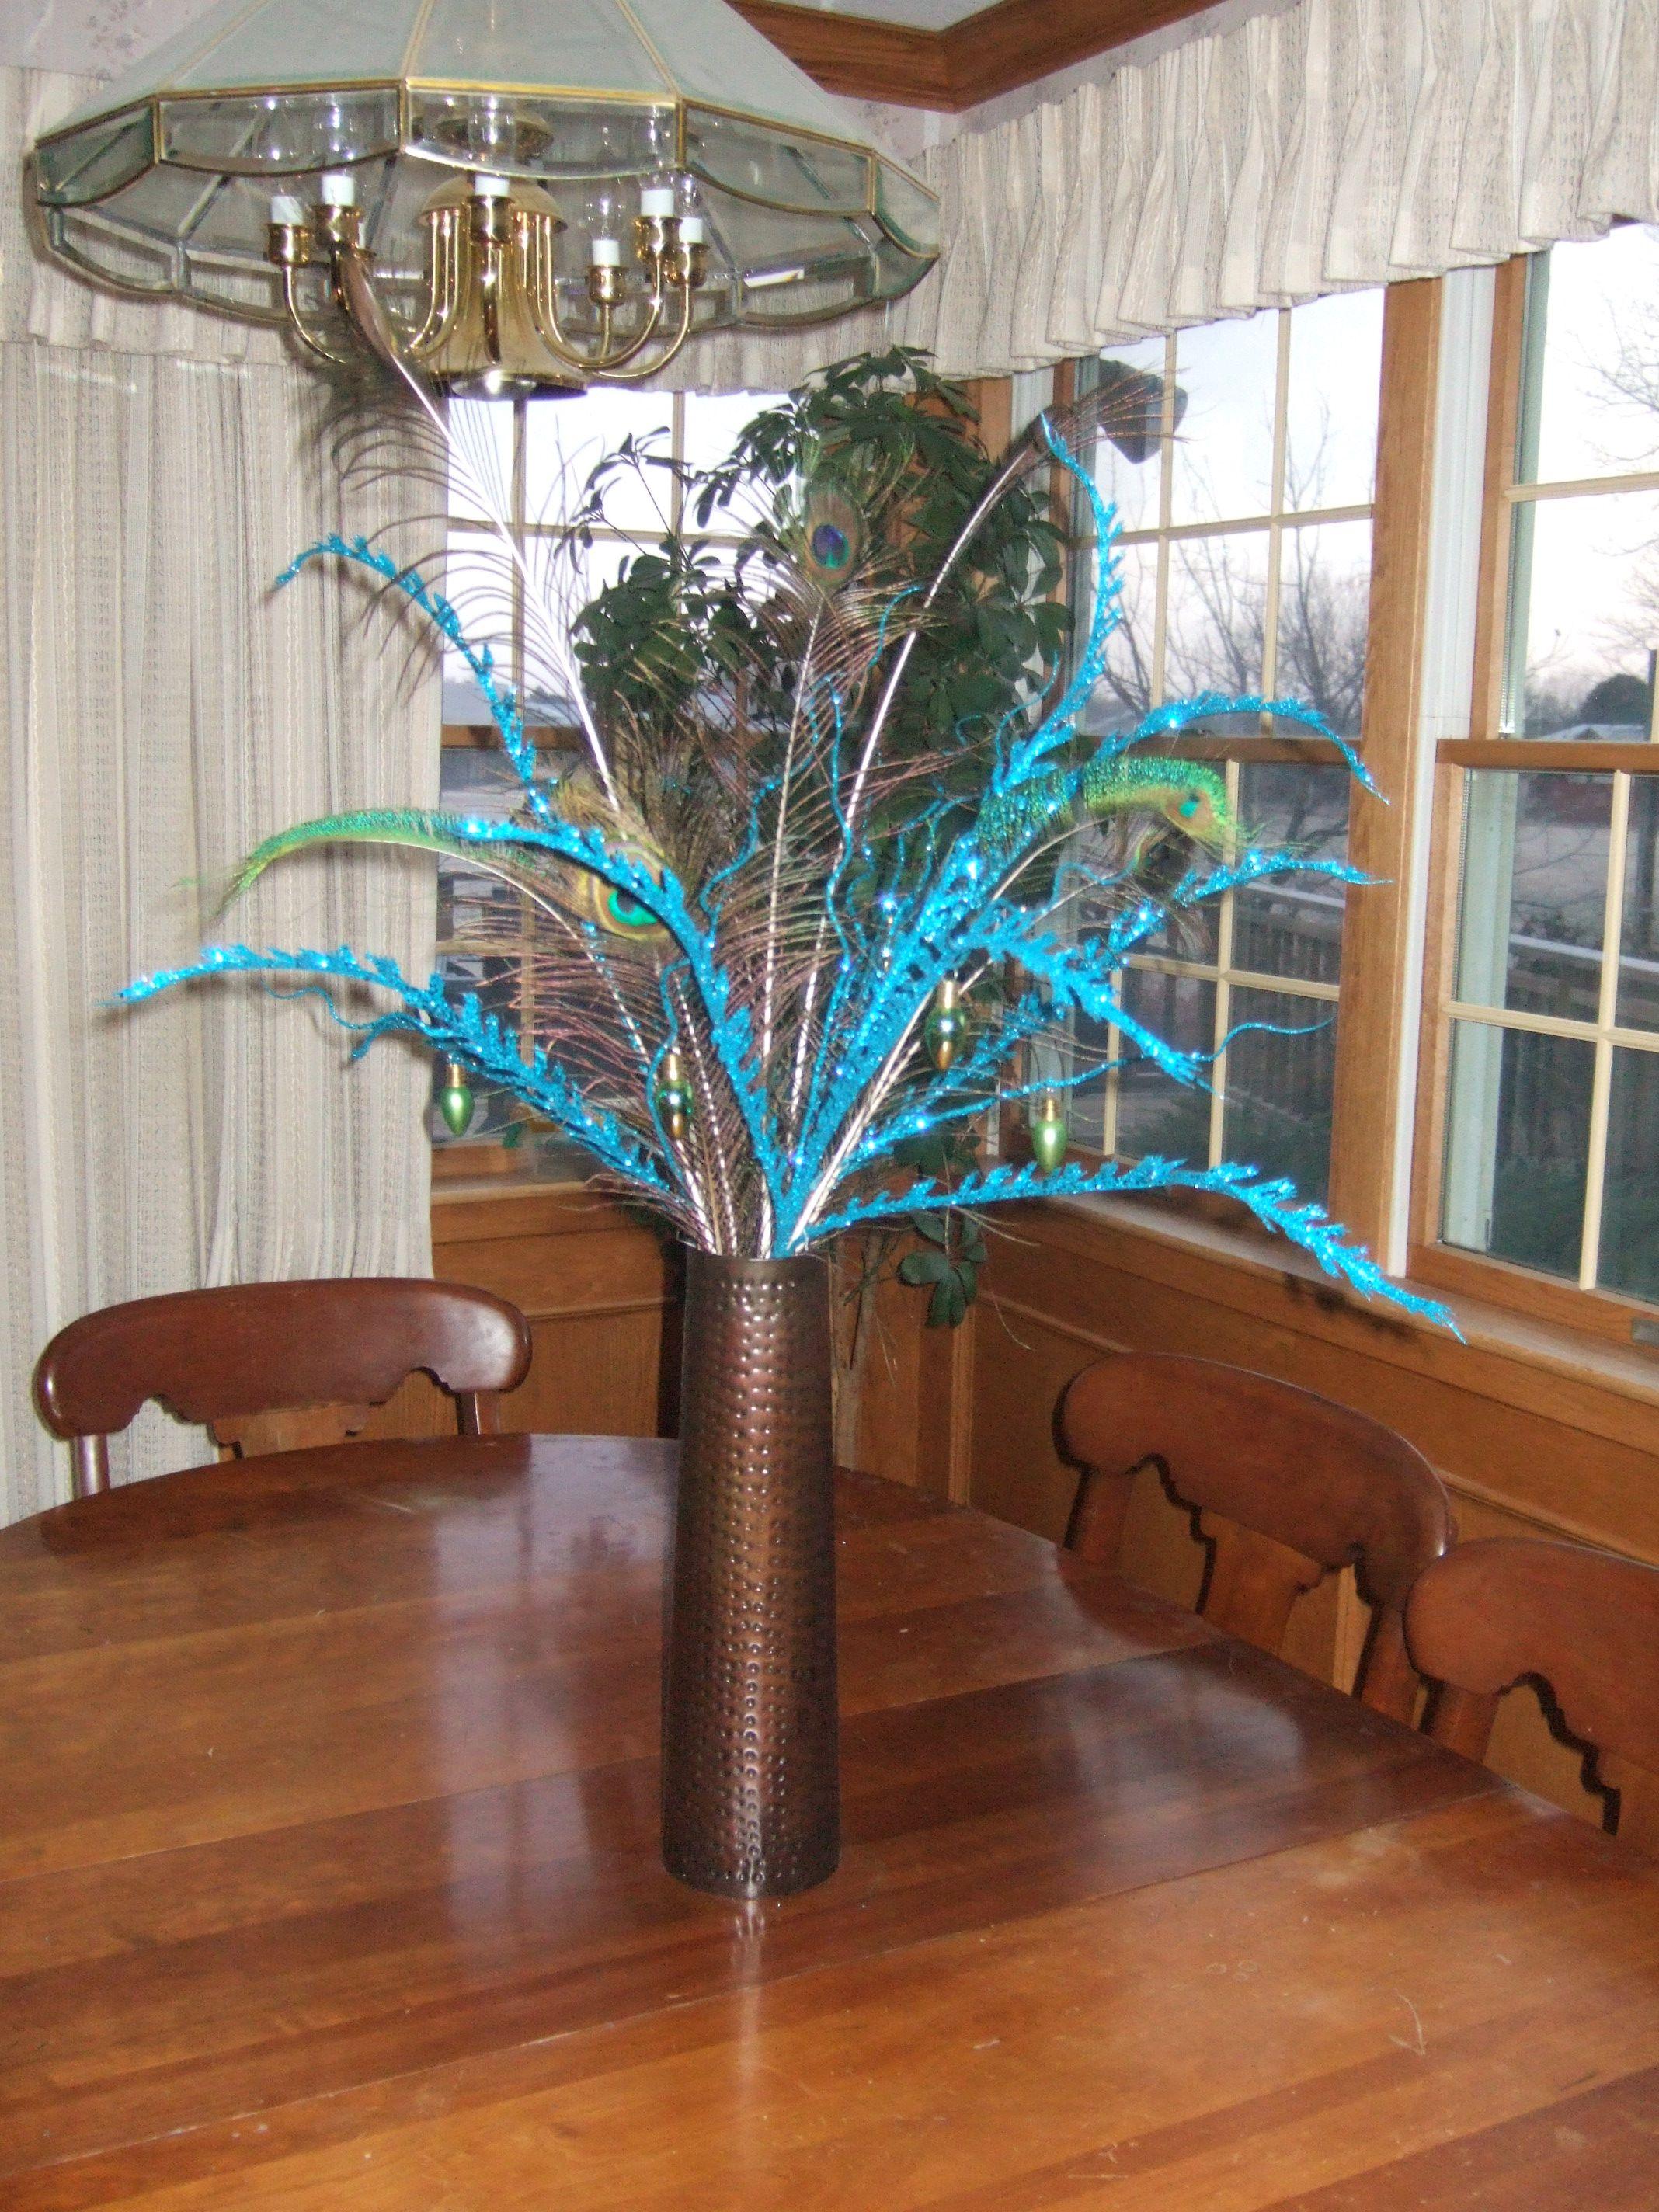 Centerpiece - Peacock Christmas